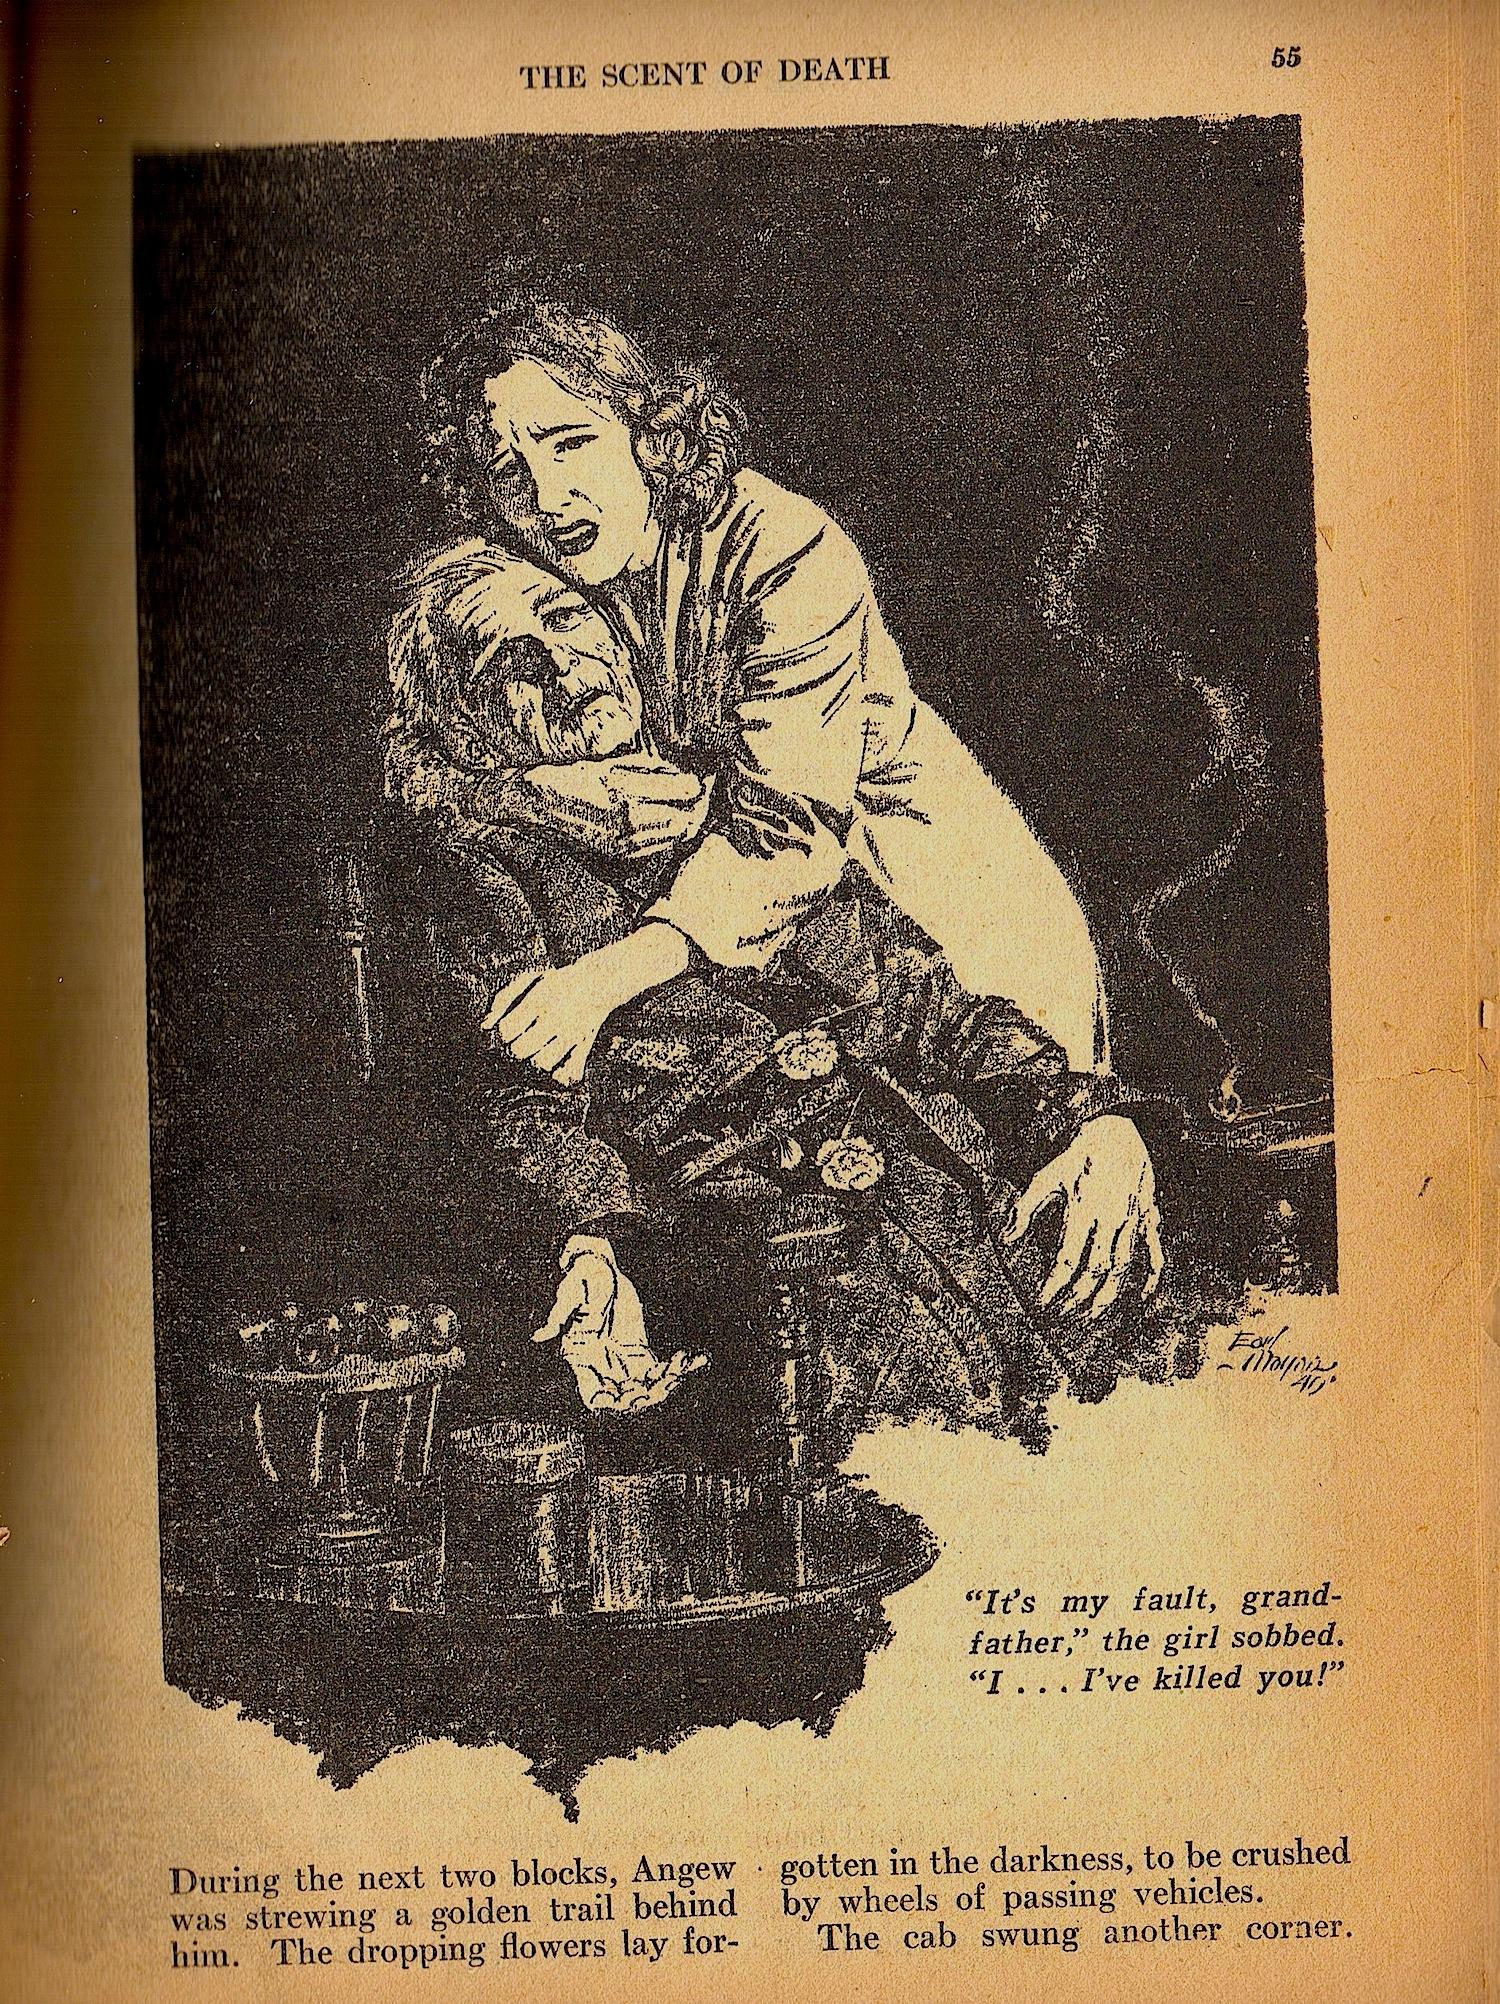 earl_mayan_shadow_scent_of_death_1940 7.jpg